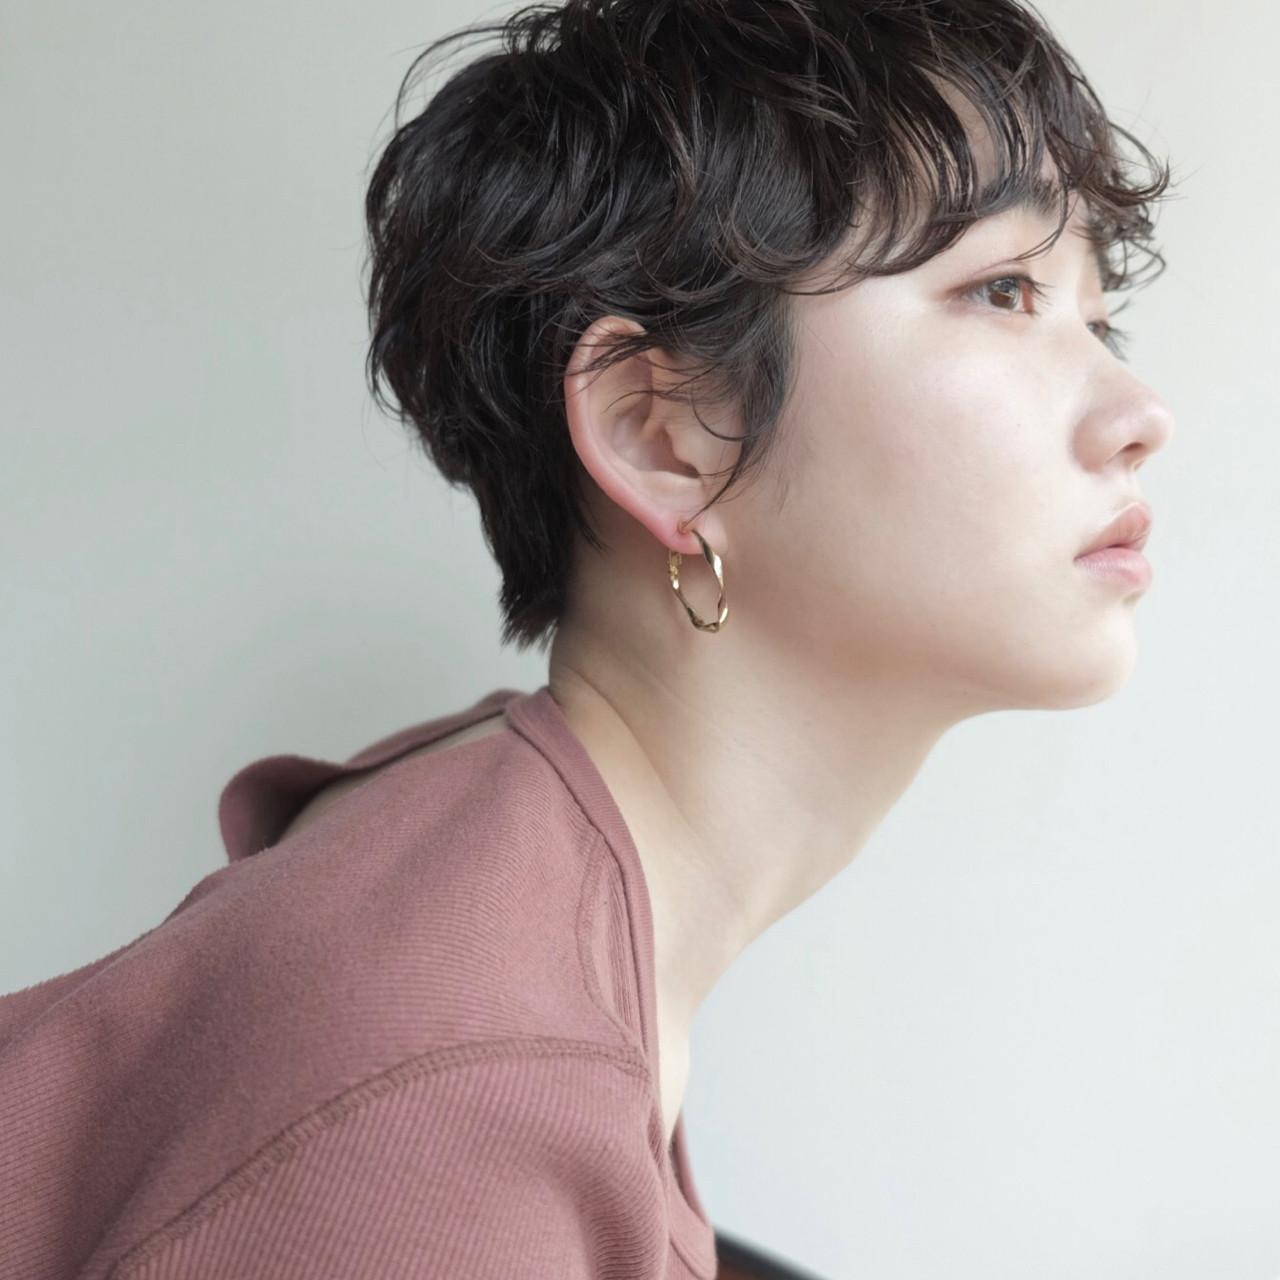 ナチュラル ショート 前髪あり くせ毛風 ヘアスタイルや髪型の写真・画像 | 高橋 忍 / nanuk渋谷店(ナヌーク)